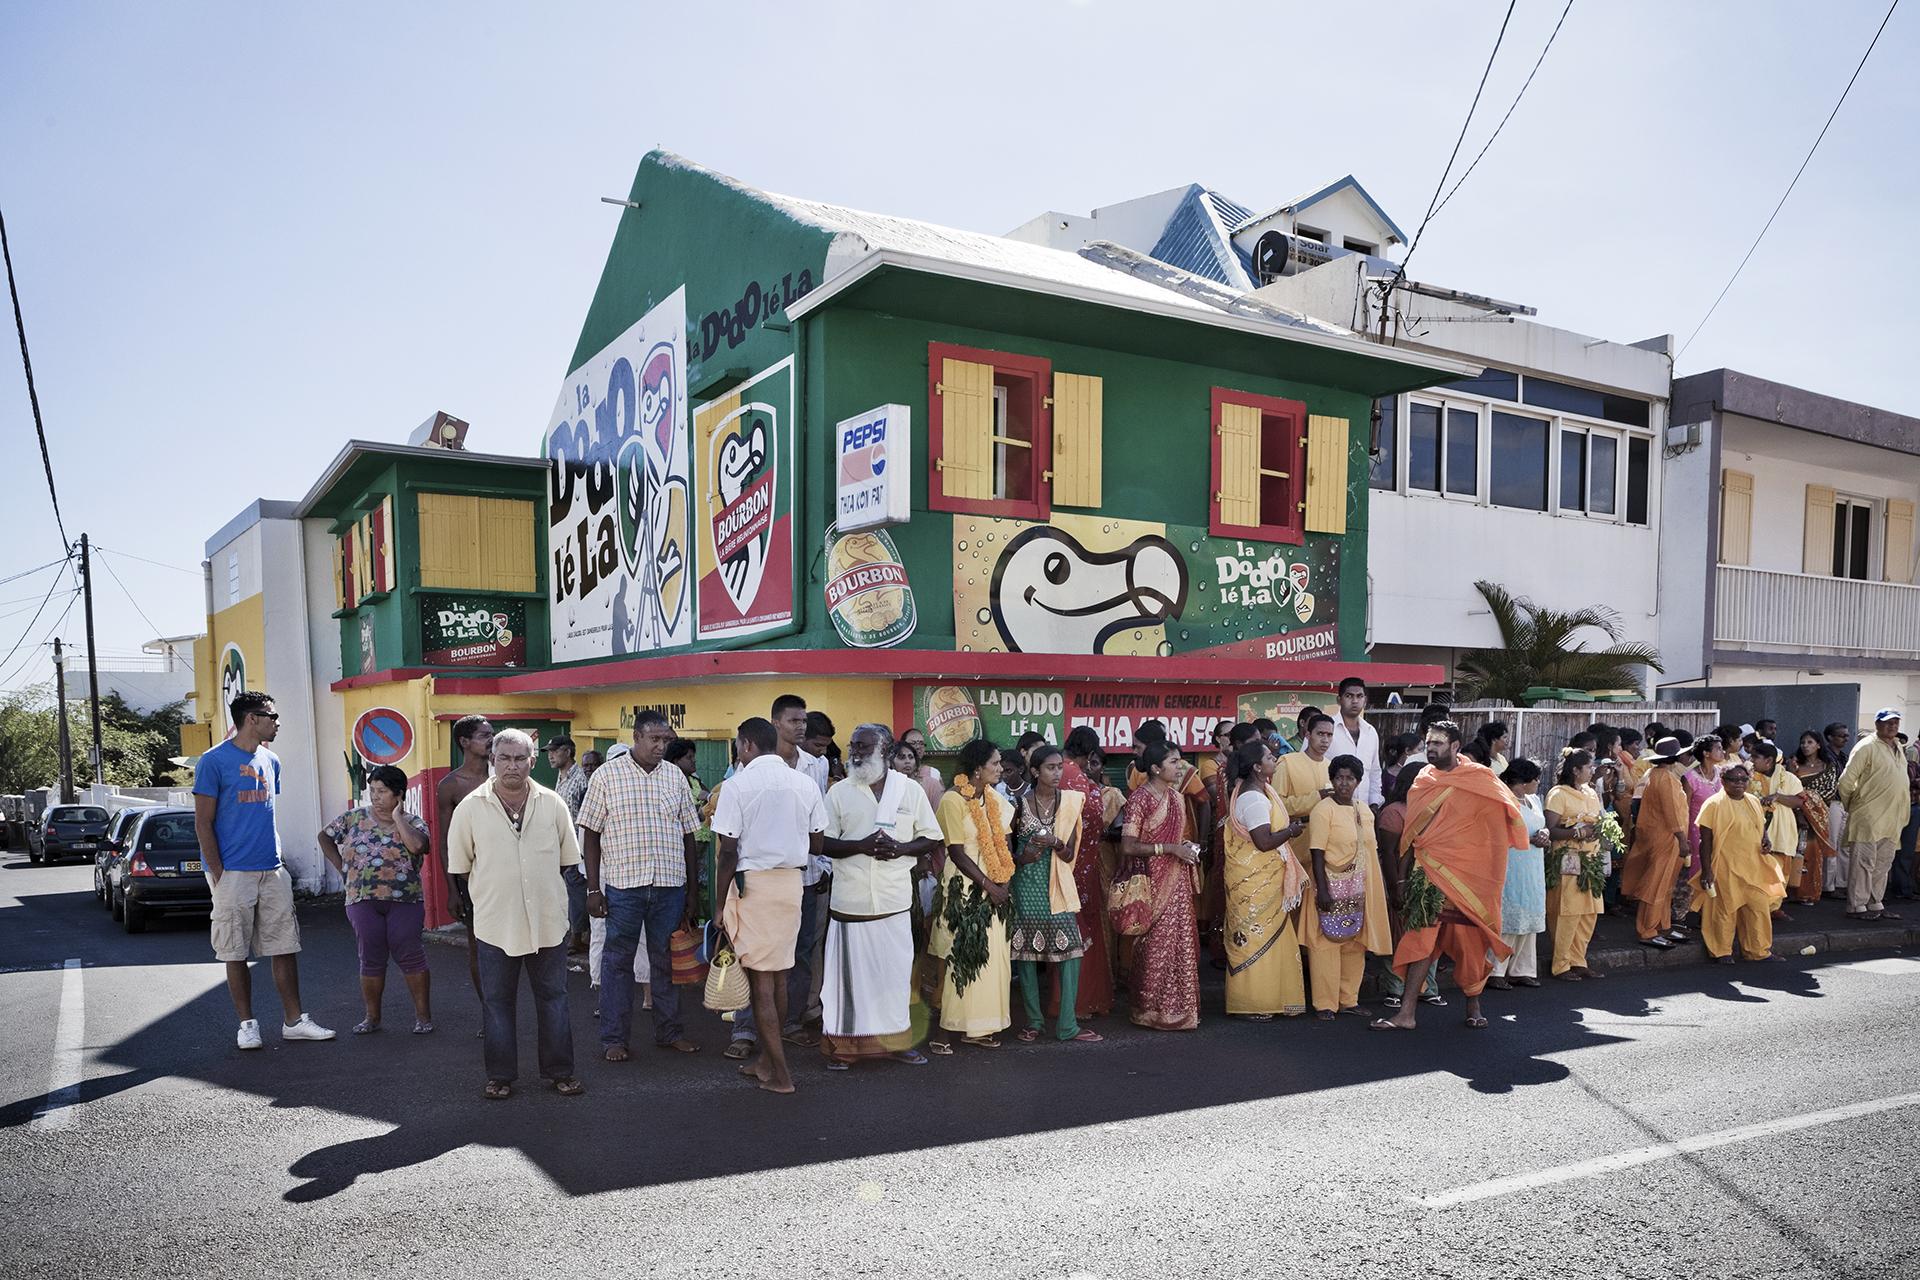 Dans les rues de Saint-Pierre. Chaque année, en juillet et août, la communauté Tamoule de l'île de la Réunion célèbre la Déesse guerrière Karly ( Kali ) dans les temples et les rues de l'île.